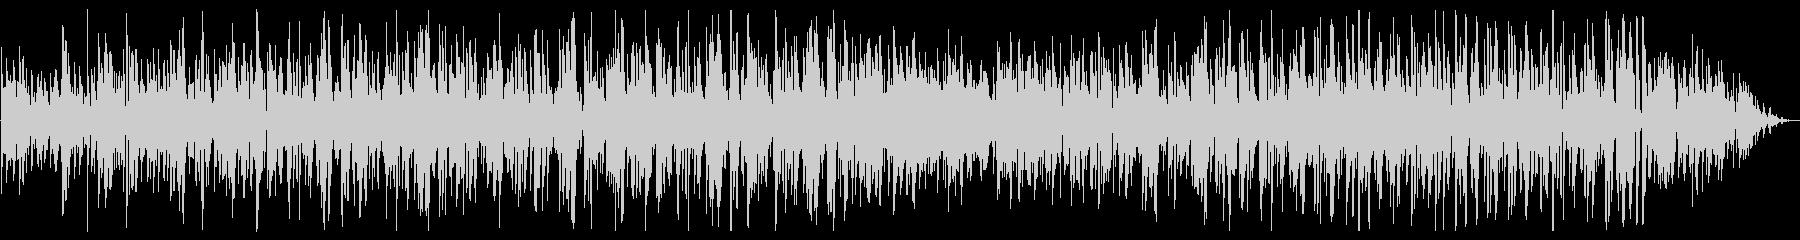 ジングルベルのボサノバジャズボーカルの未再生の波形